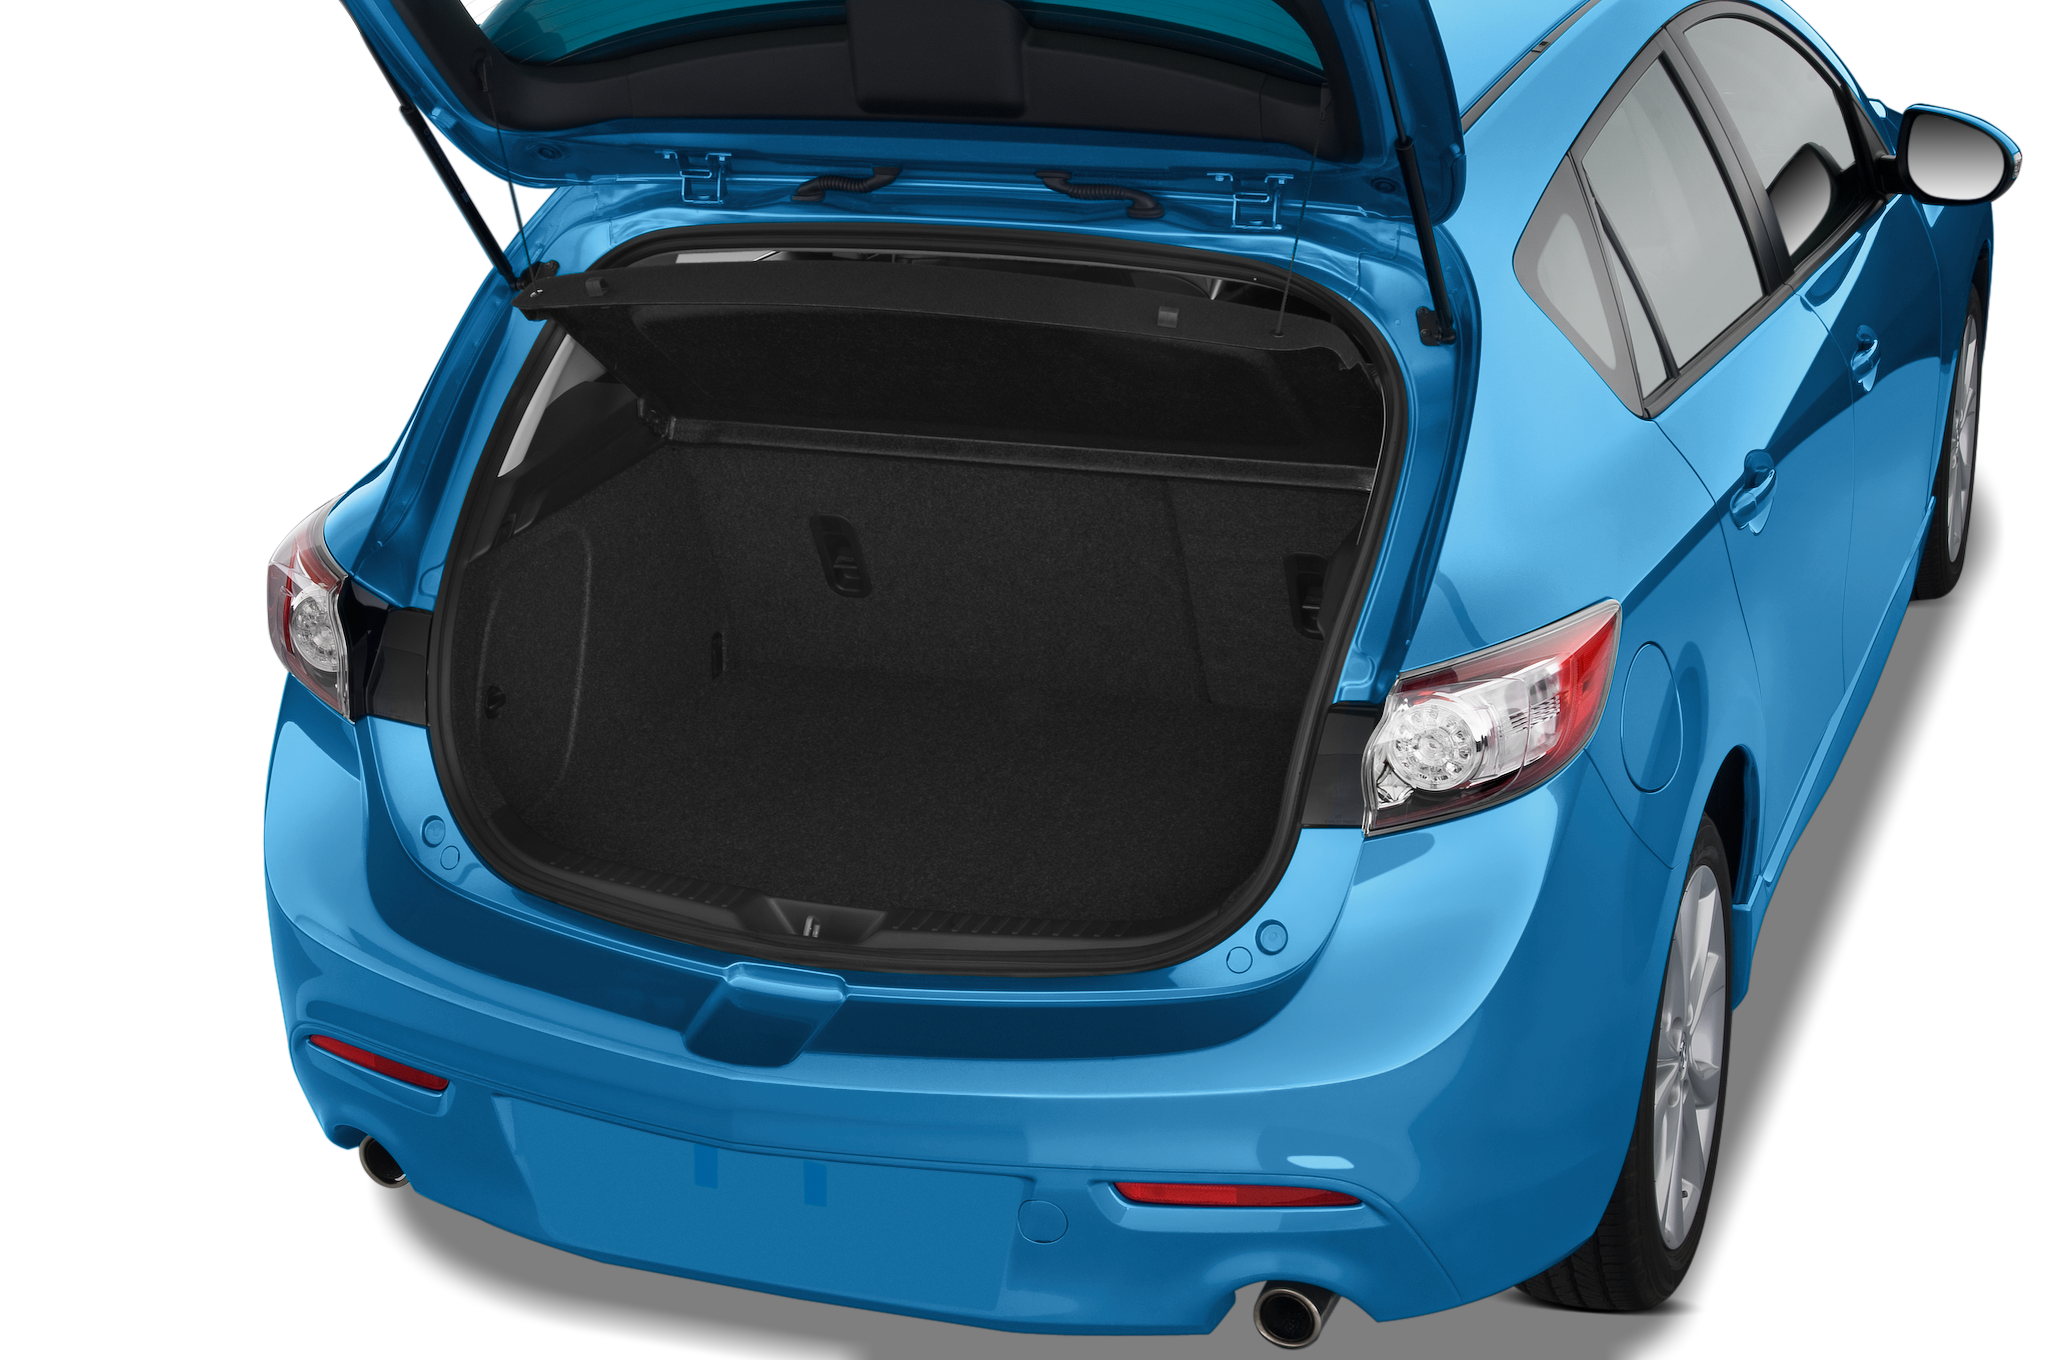 2013 mazda 3 hatchback cargo cover